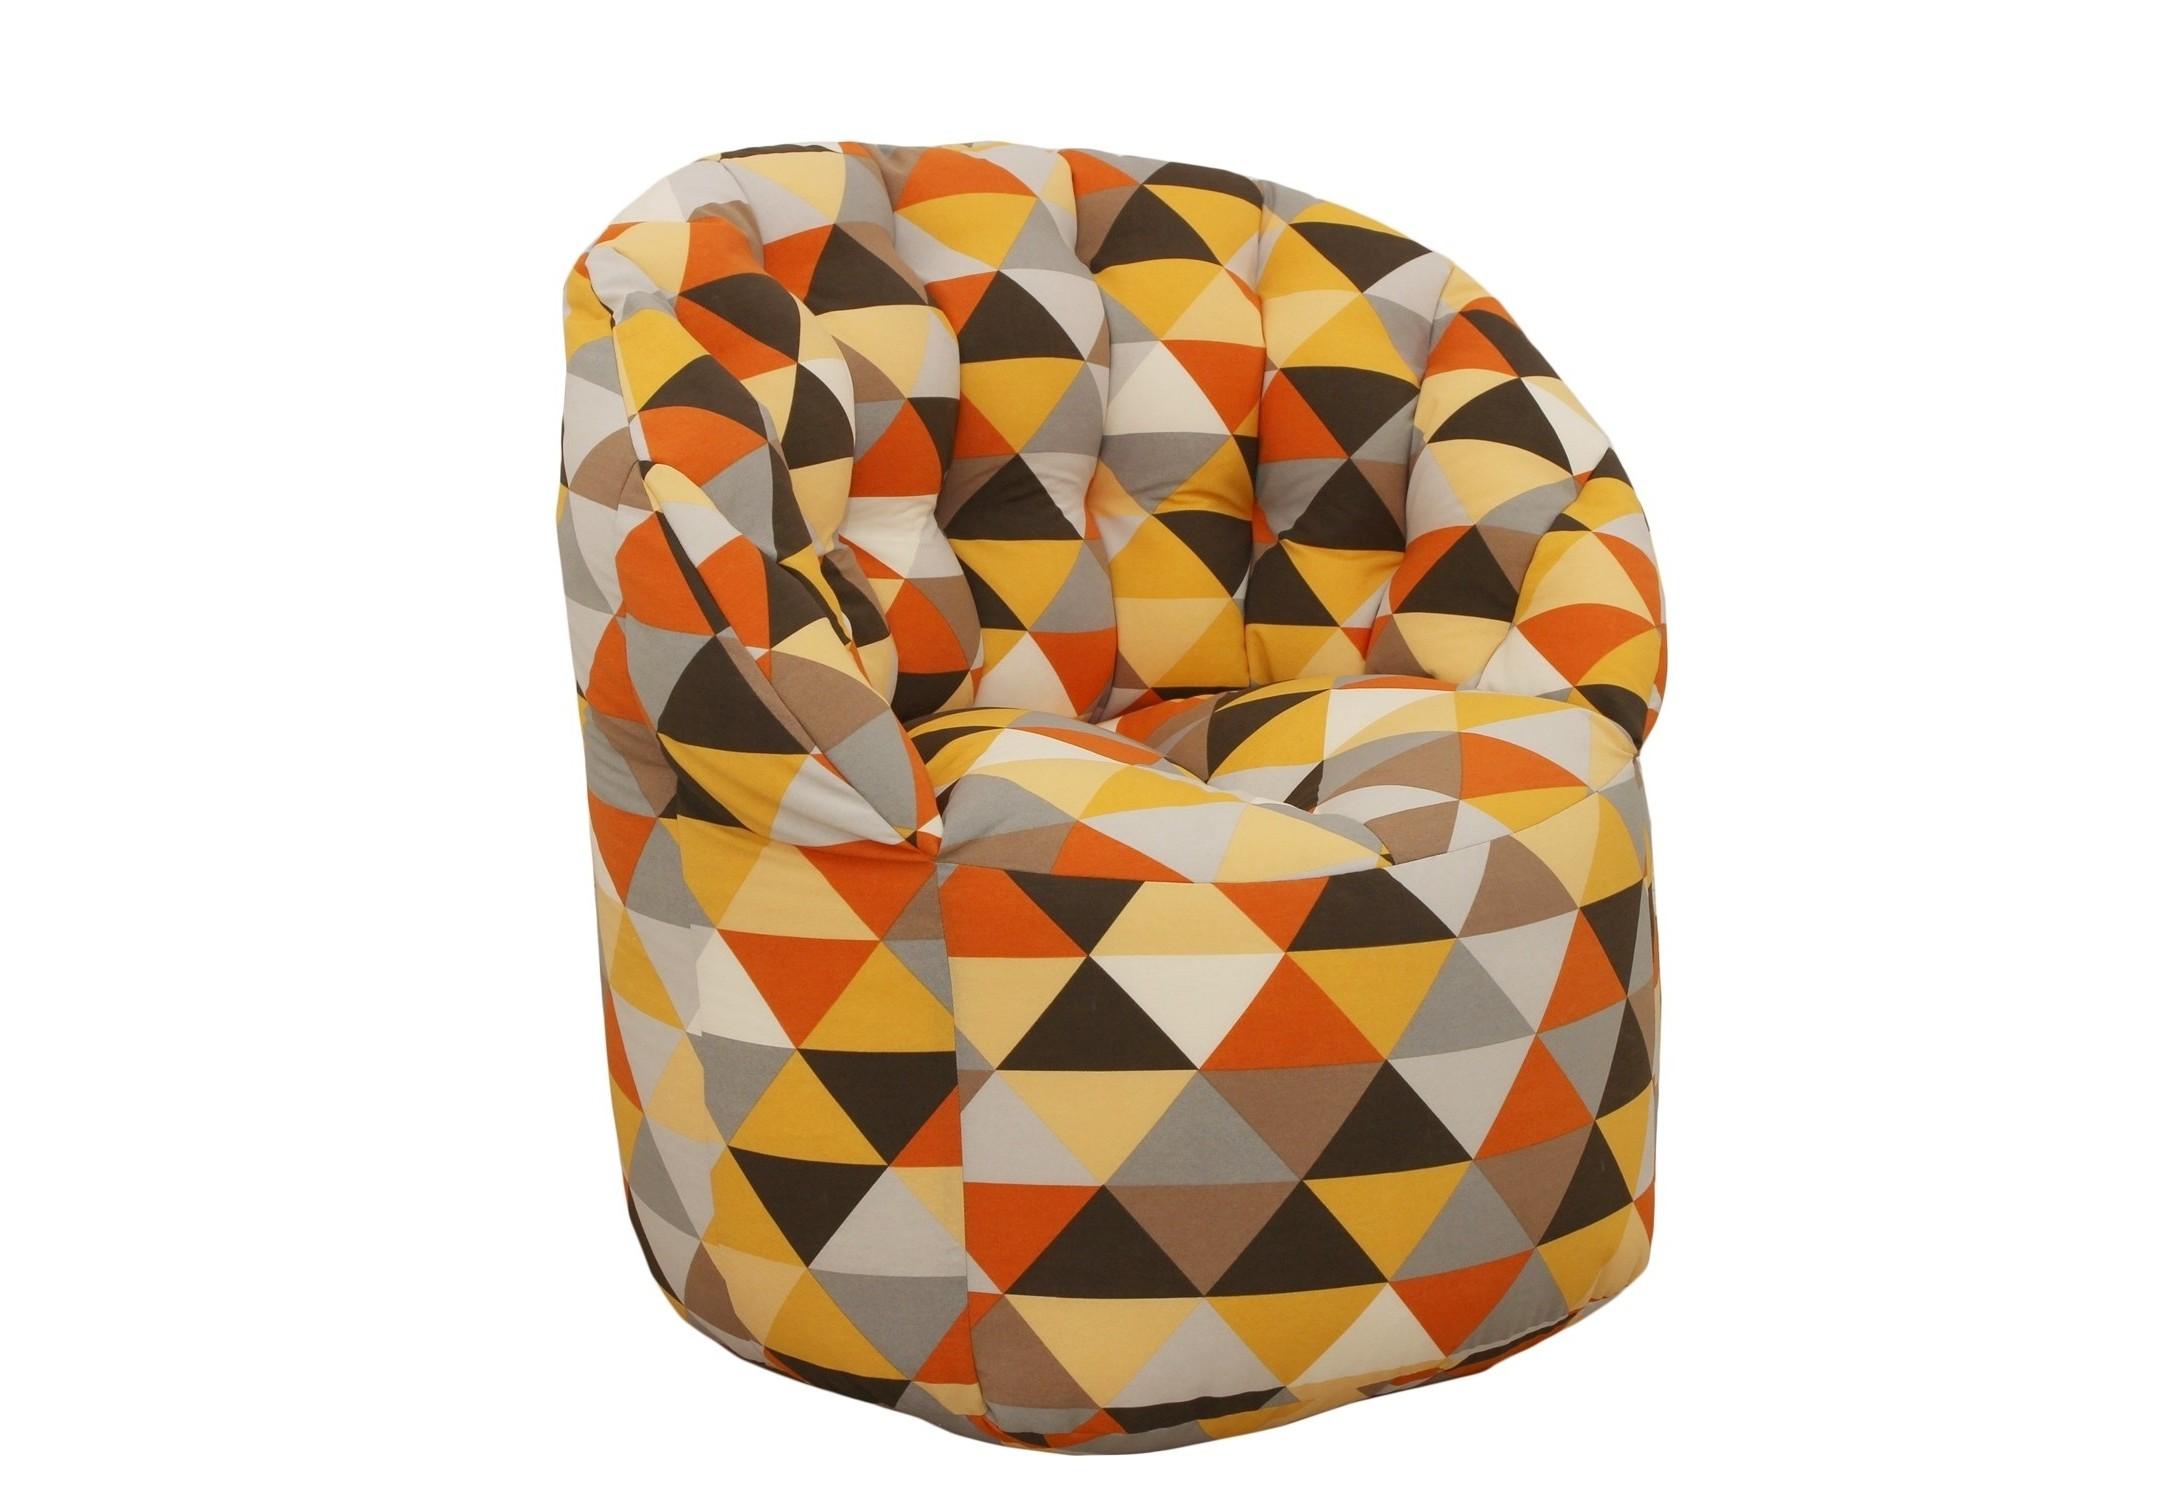 Кресло- пуфКресла-мешки<br>Комфортное кресло-пуф станет неотьемлемой частью вашего дома. Спинка кресла держит форму и обеспечивает круговую поддержку для спины за счет особой системы пошива. Кресло имеет 2 независимых отсека для наполнителя. Эксклюзивная   ткань разбавит ваш интерьер яркими красками.<br><br>Material: Текстиль<br>Length см: None<br>Width см: 85<br>Depth см: 85<br>Height см: 91